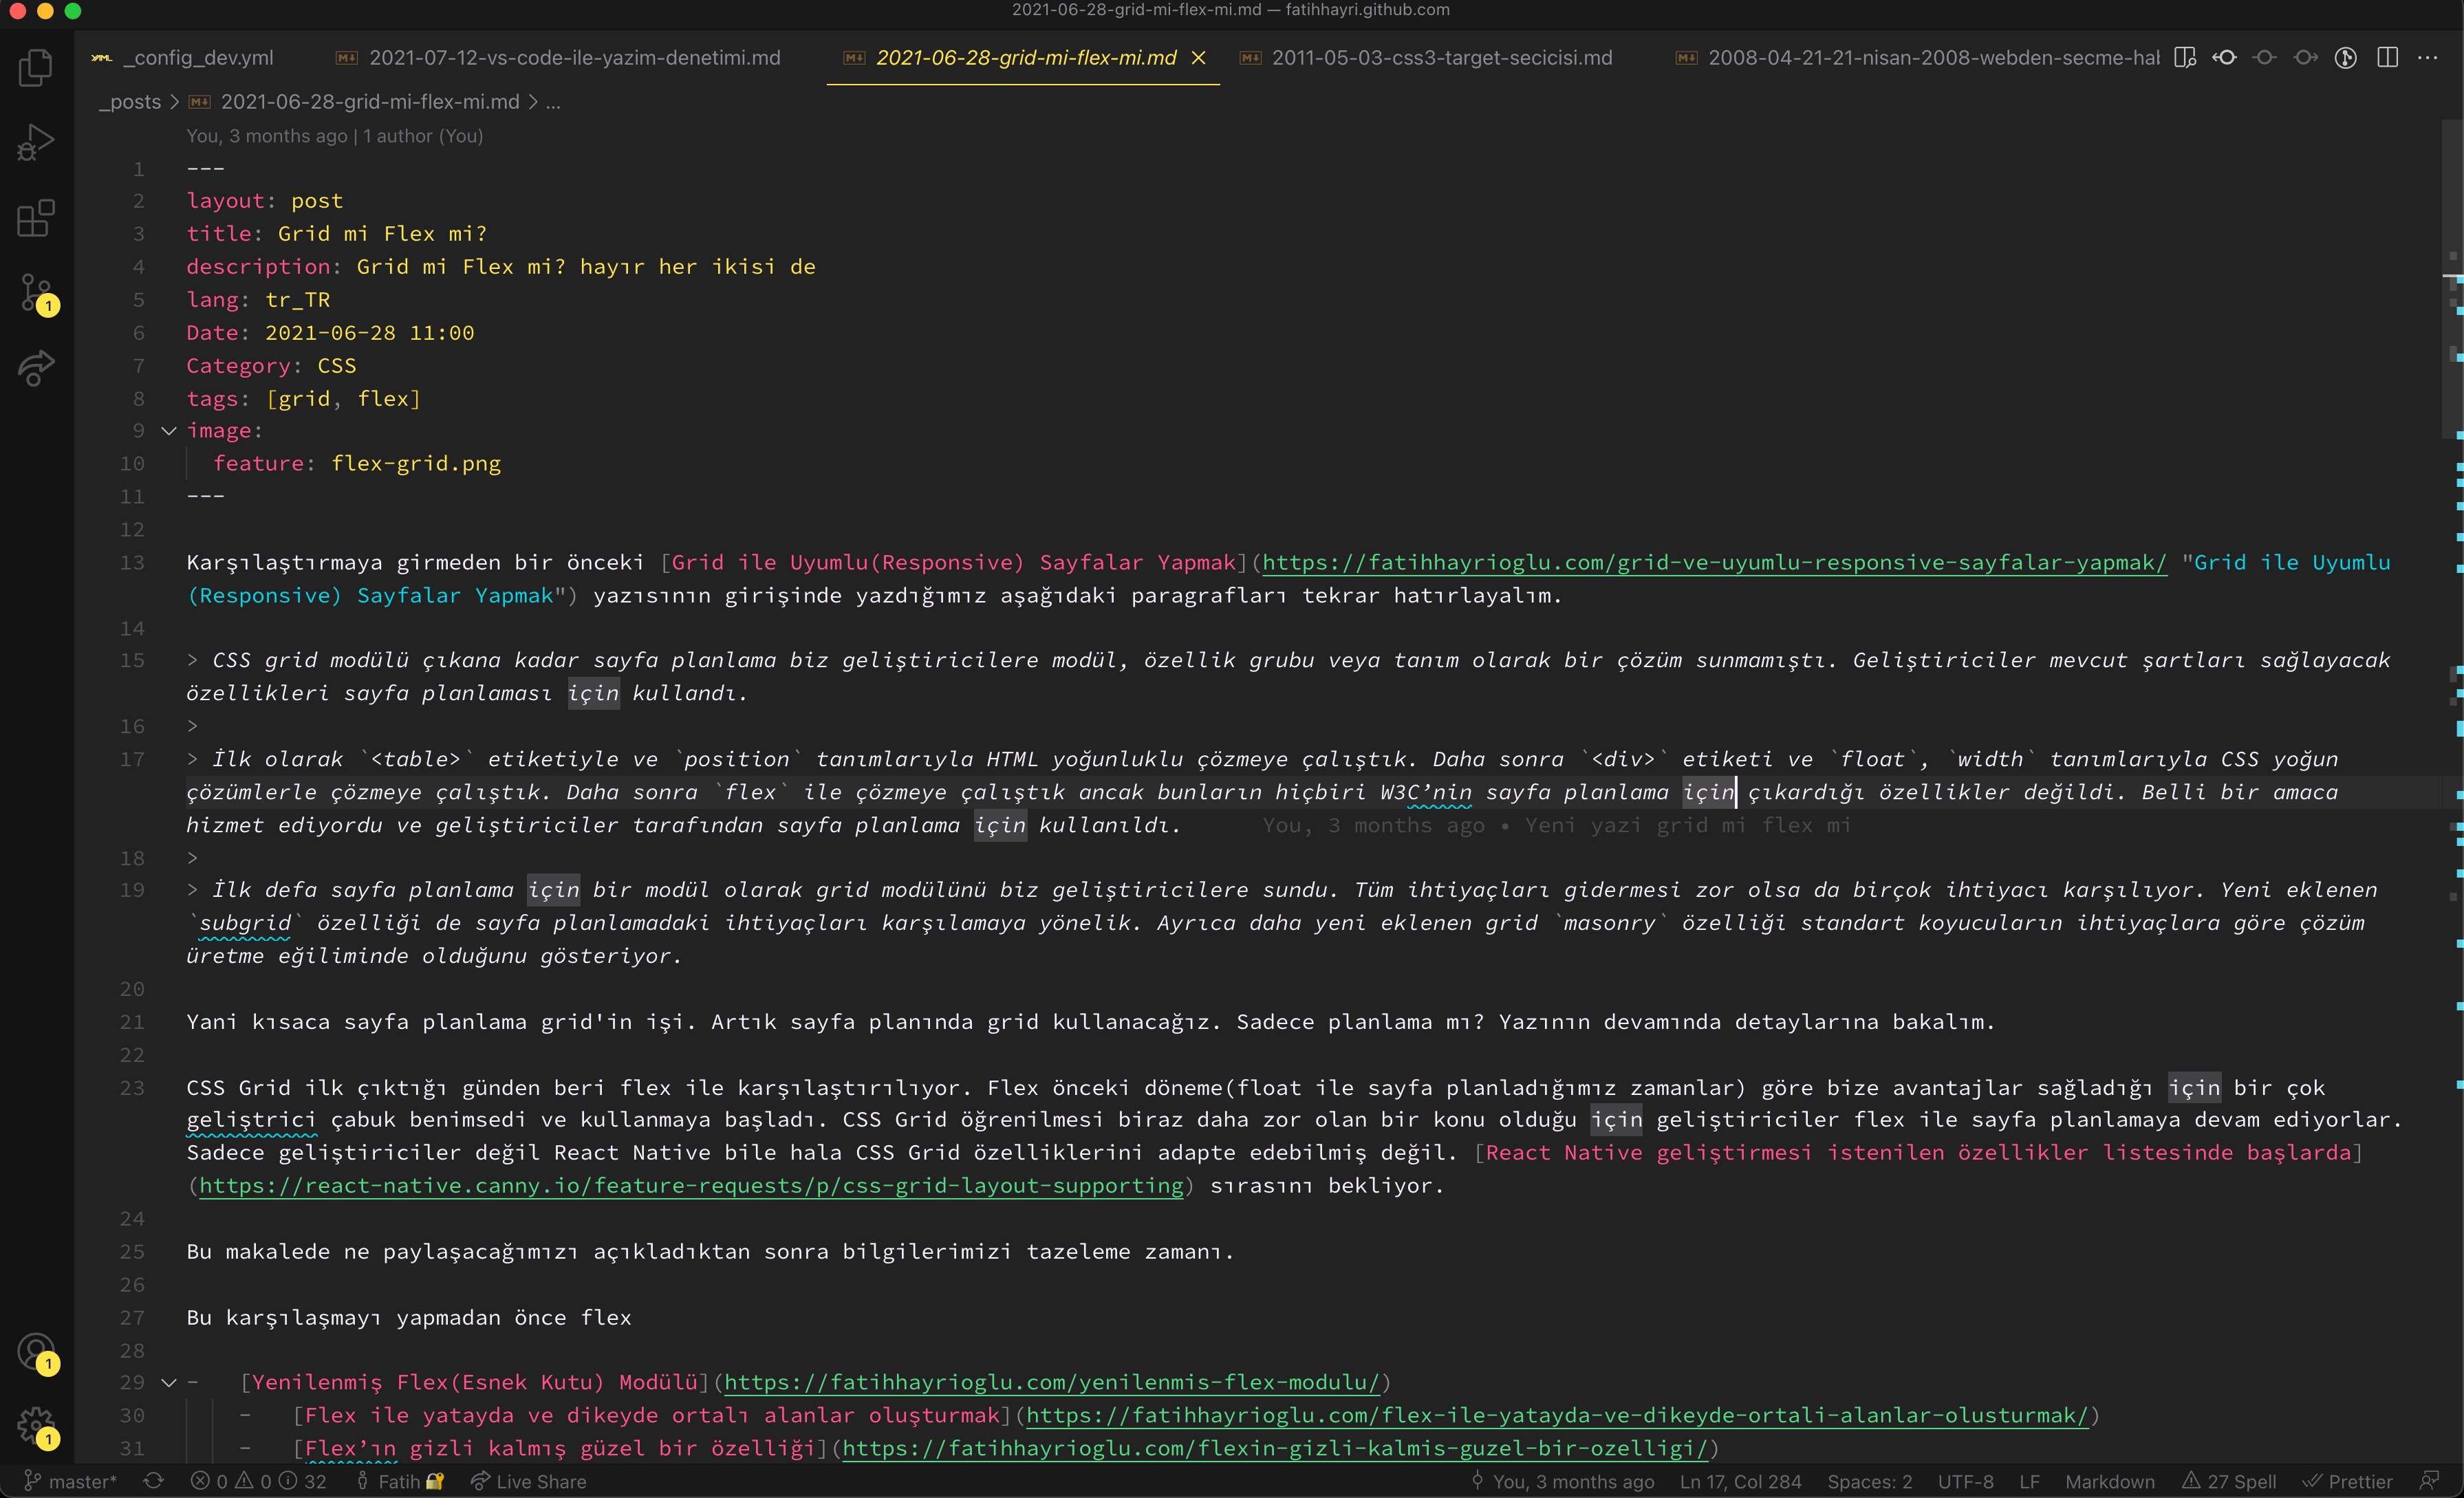 VS Code ekranı